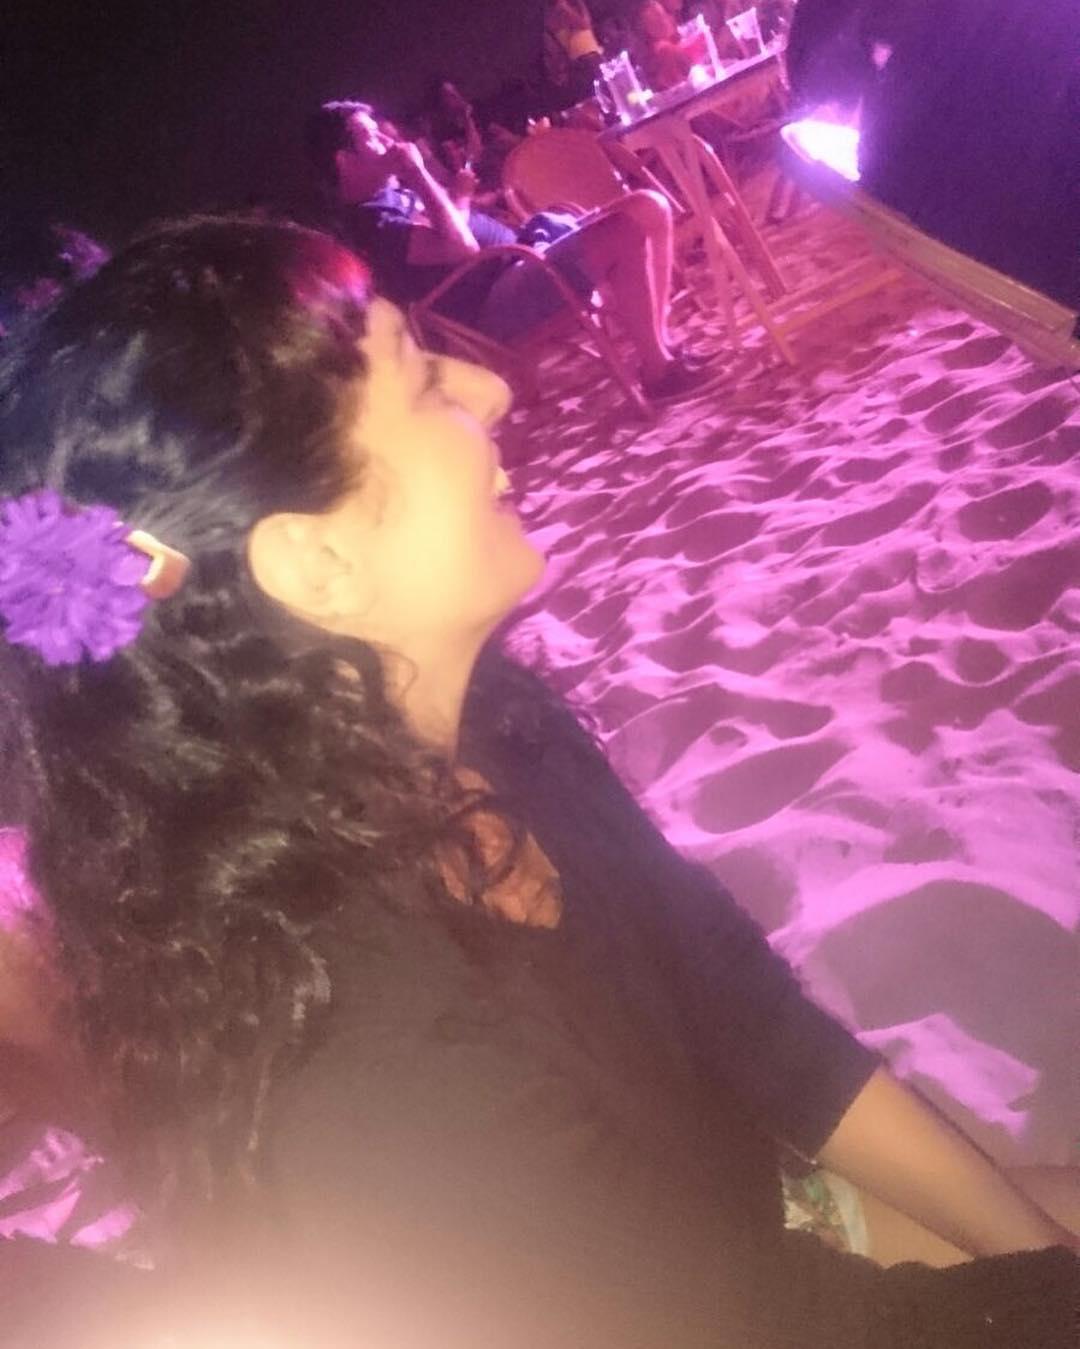 Sin filtros, retrato de @marco_blued en la playa, a juego con mi flor ;))